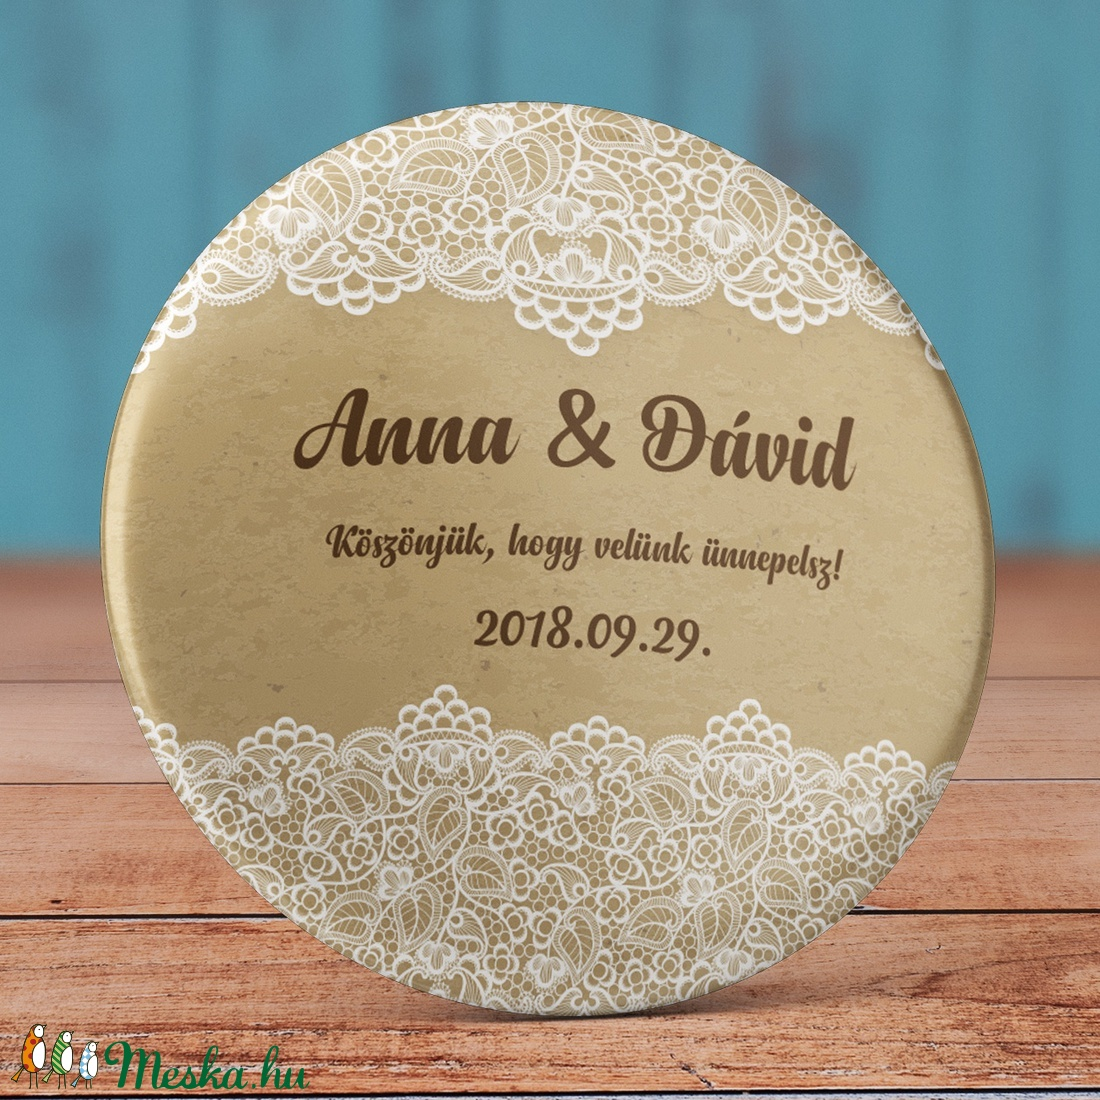 Esküvői köszönet ajándék hűtőmágnes - csipke - Esküvői köszönőajándék mágnes - vintage esküvő - virág esküvő (AngelPin) - Meska.hu